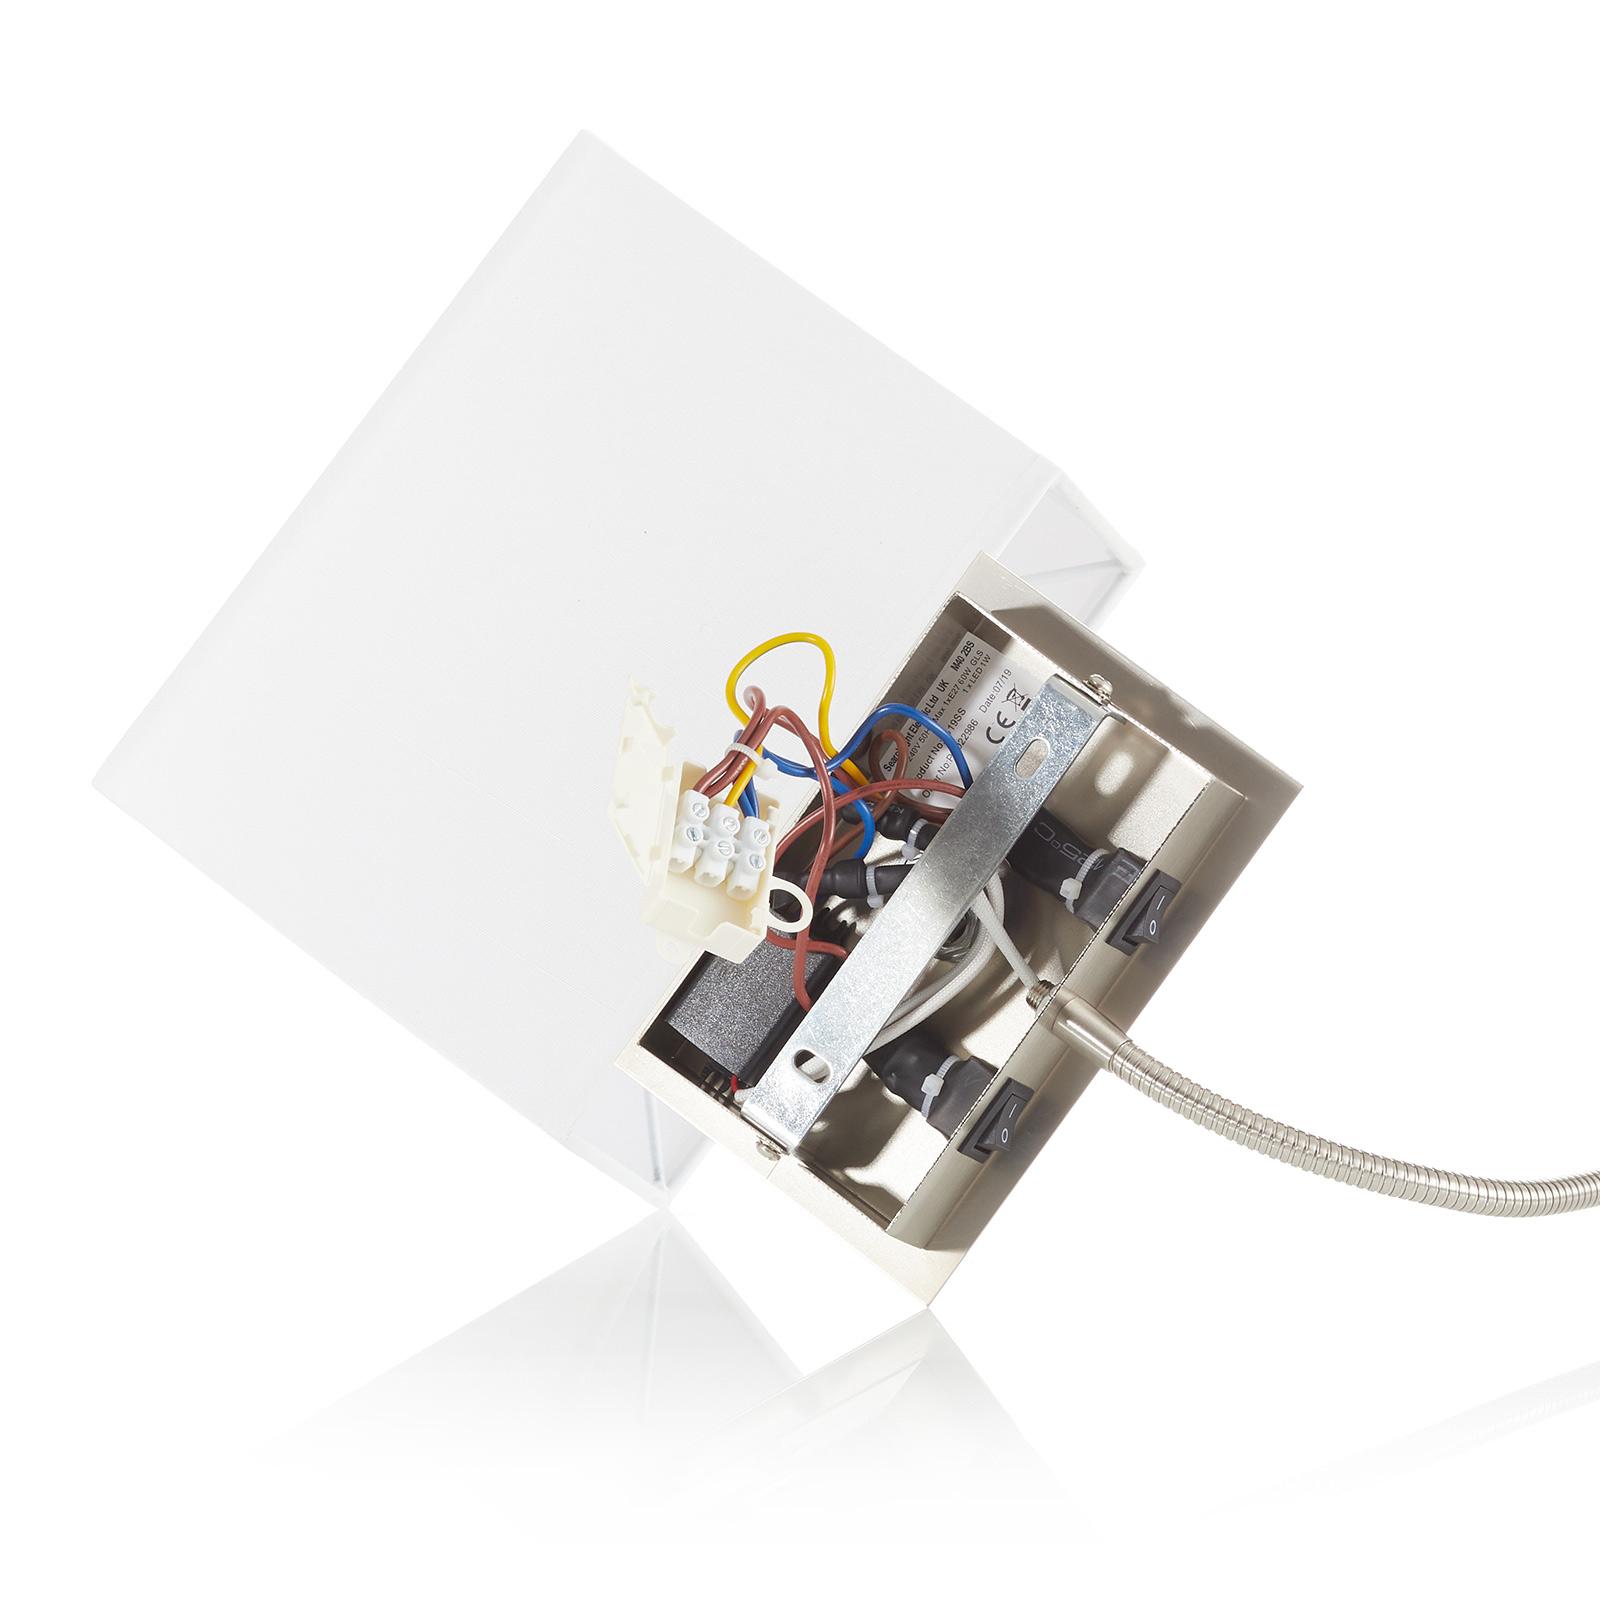 Aplique 6519 con brazo de lectura LED, plateado